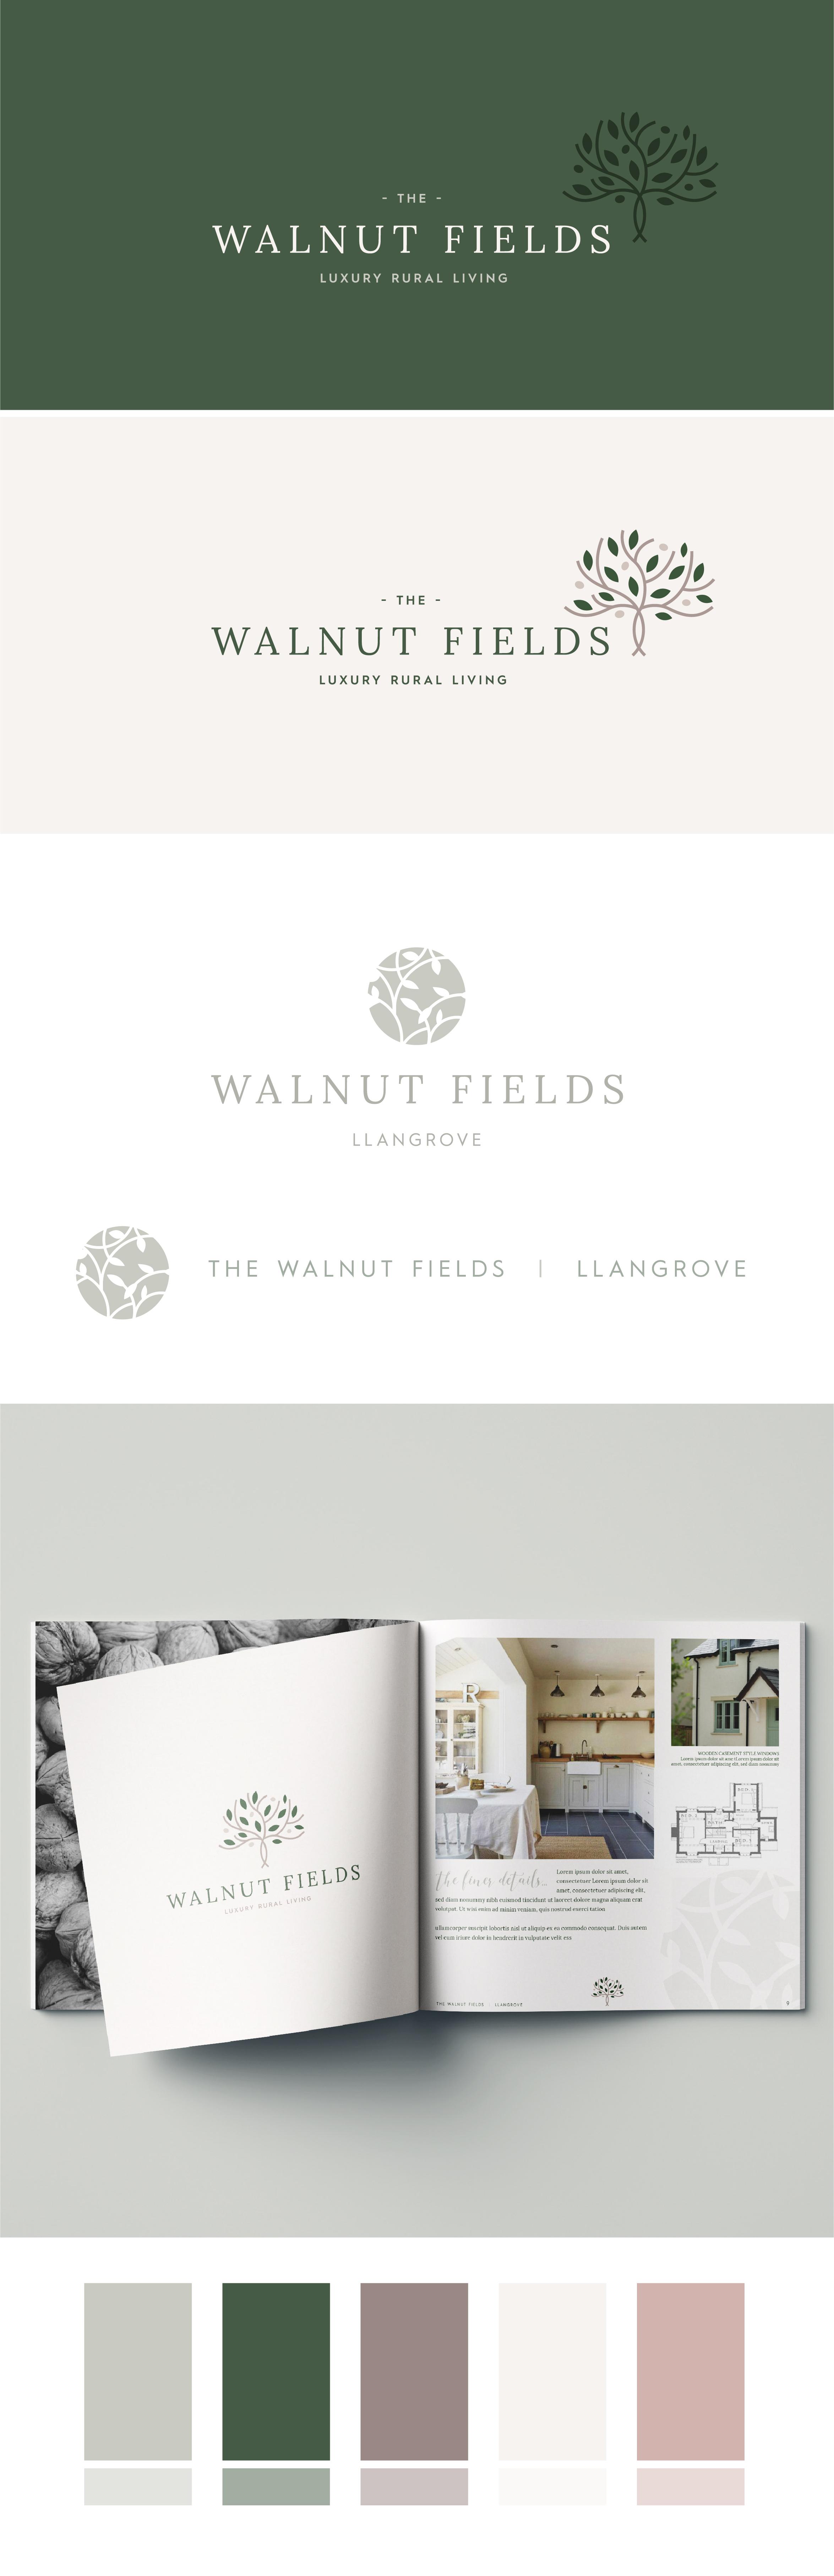 branding examples 2019 onward-13